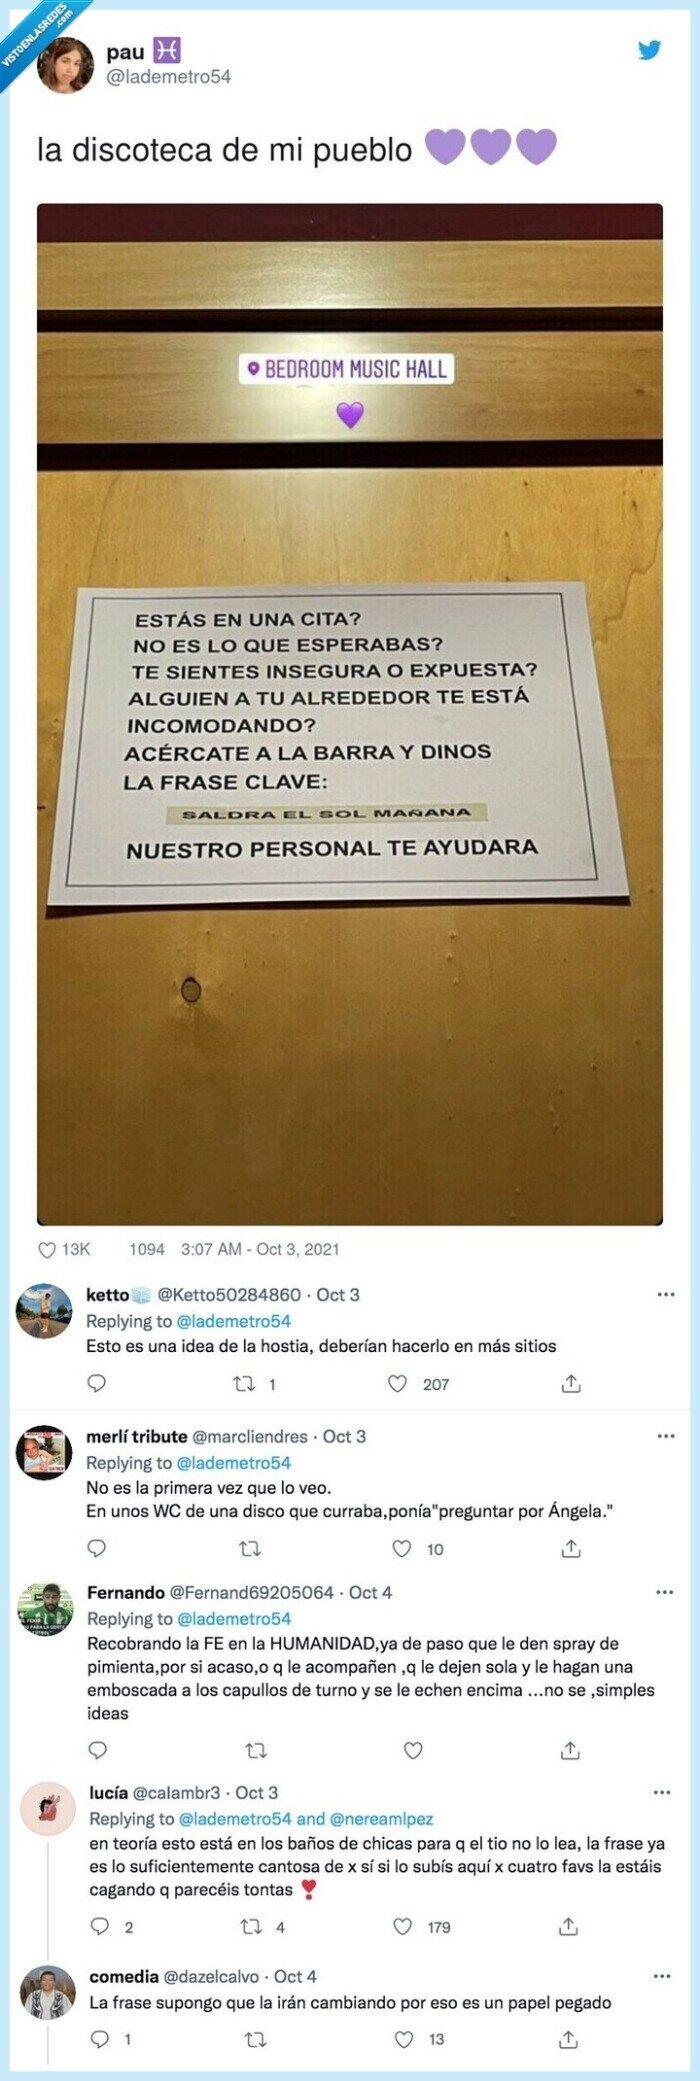 cartel,discoteca,pueblo,wc